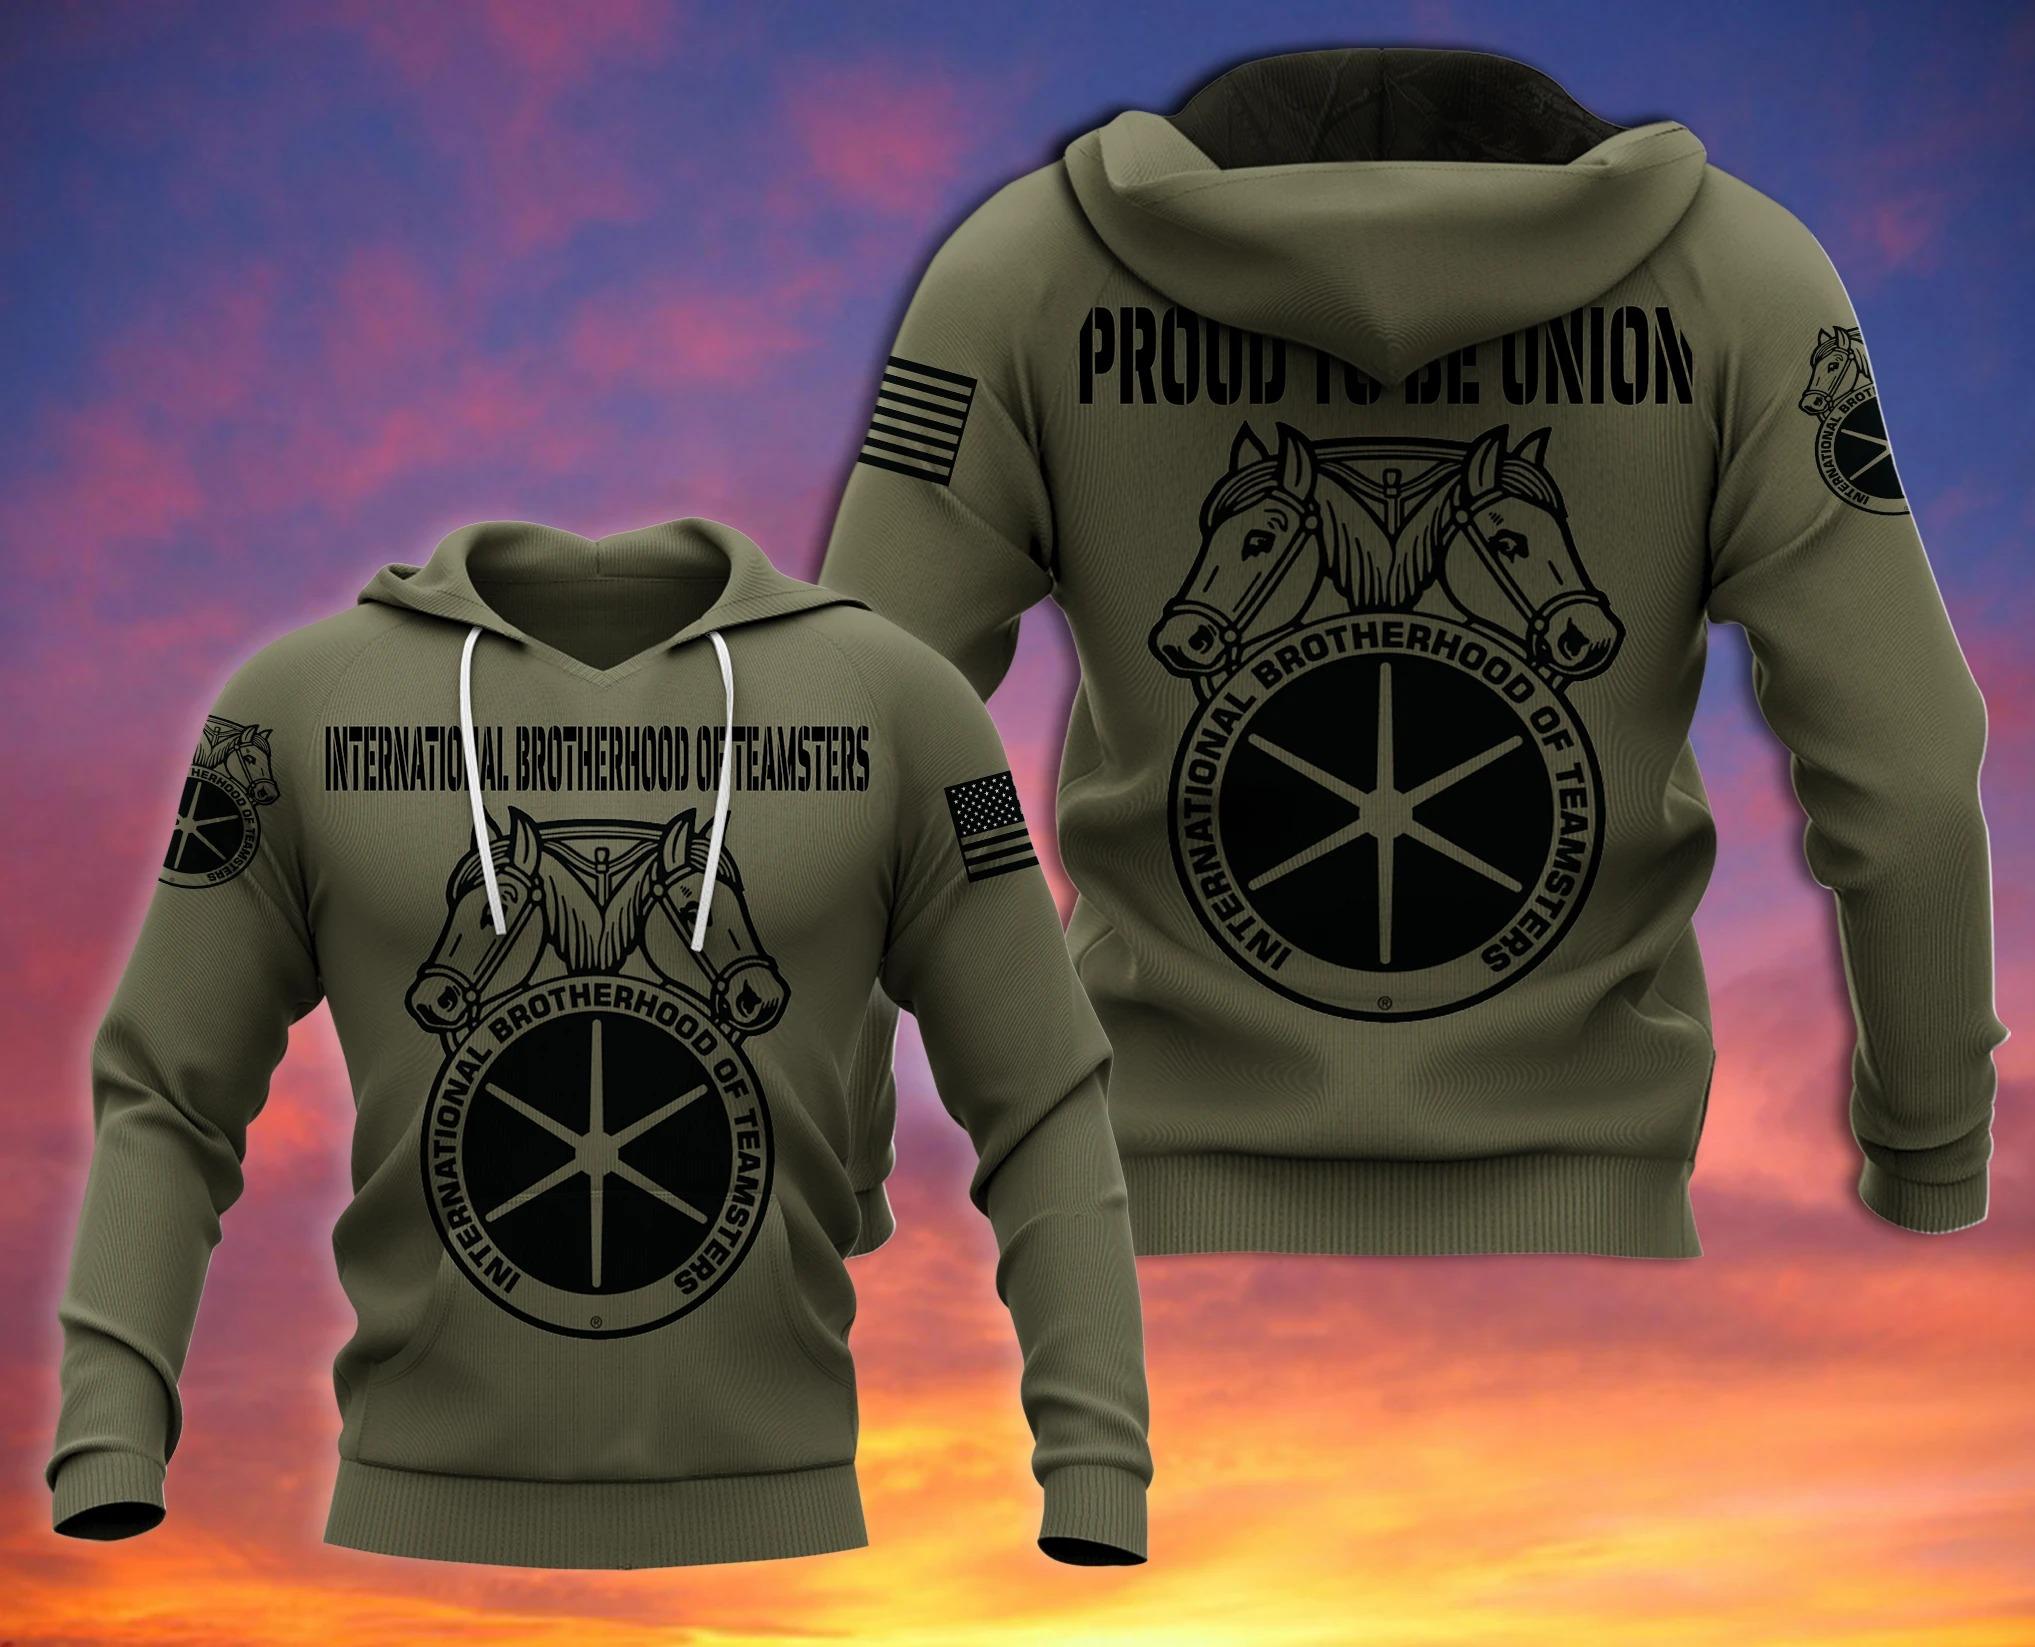 International Brotherhood of Teamsters 3d hoodie